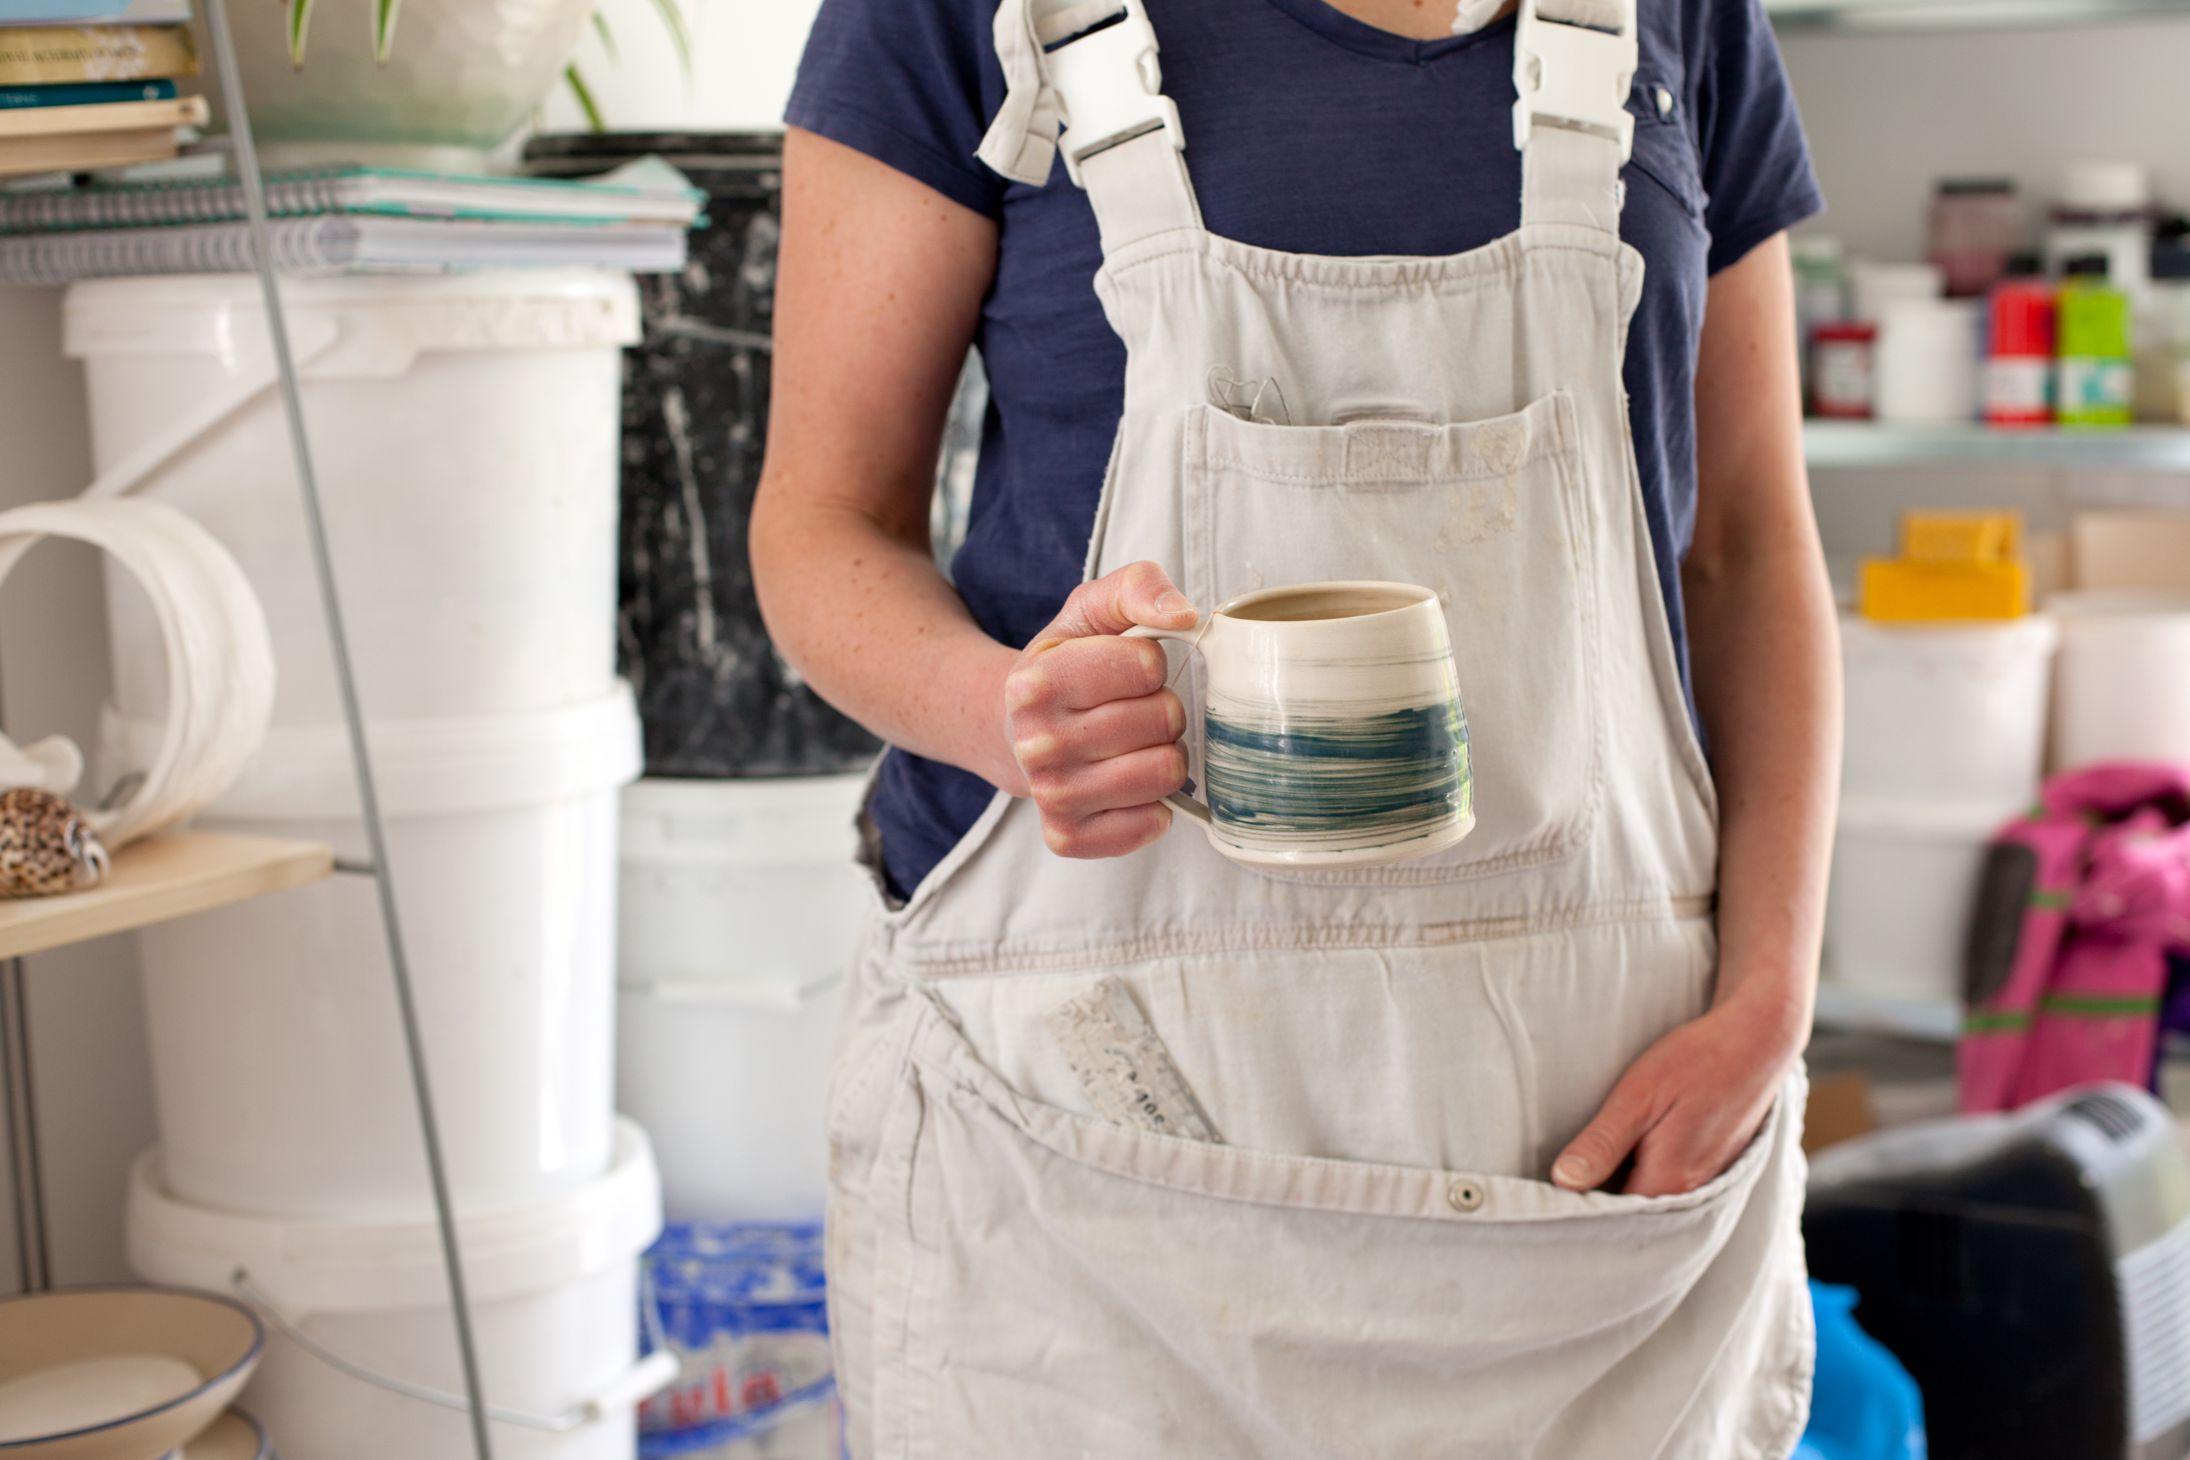 Ros Arrowsmith with mug